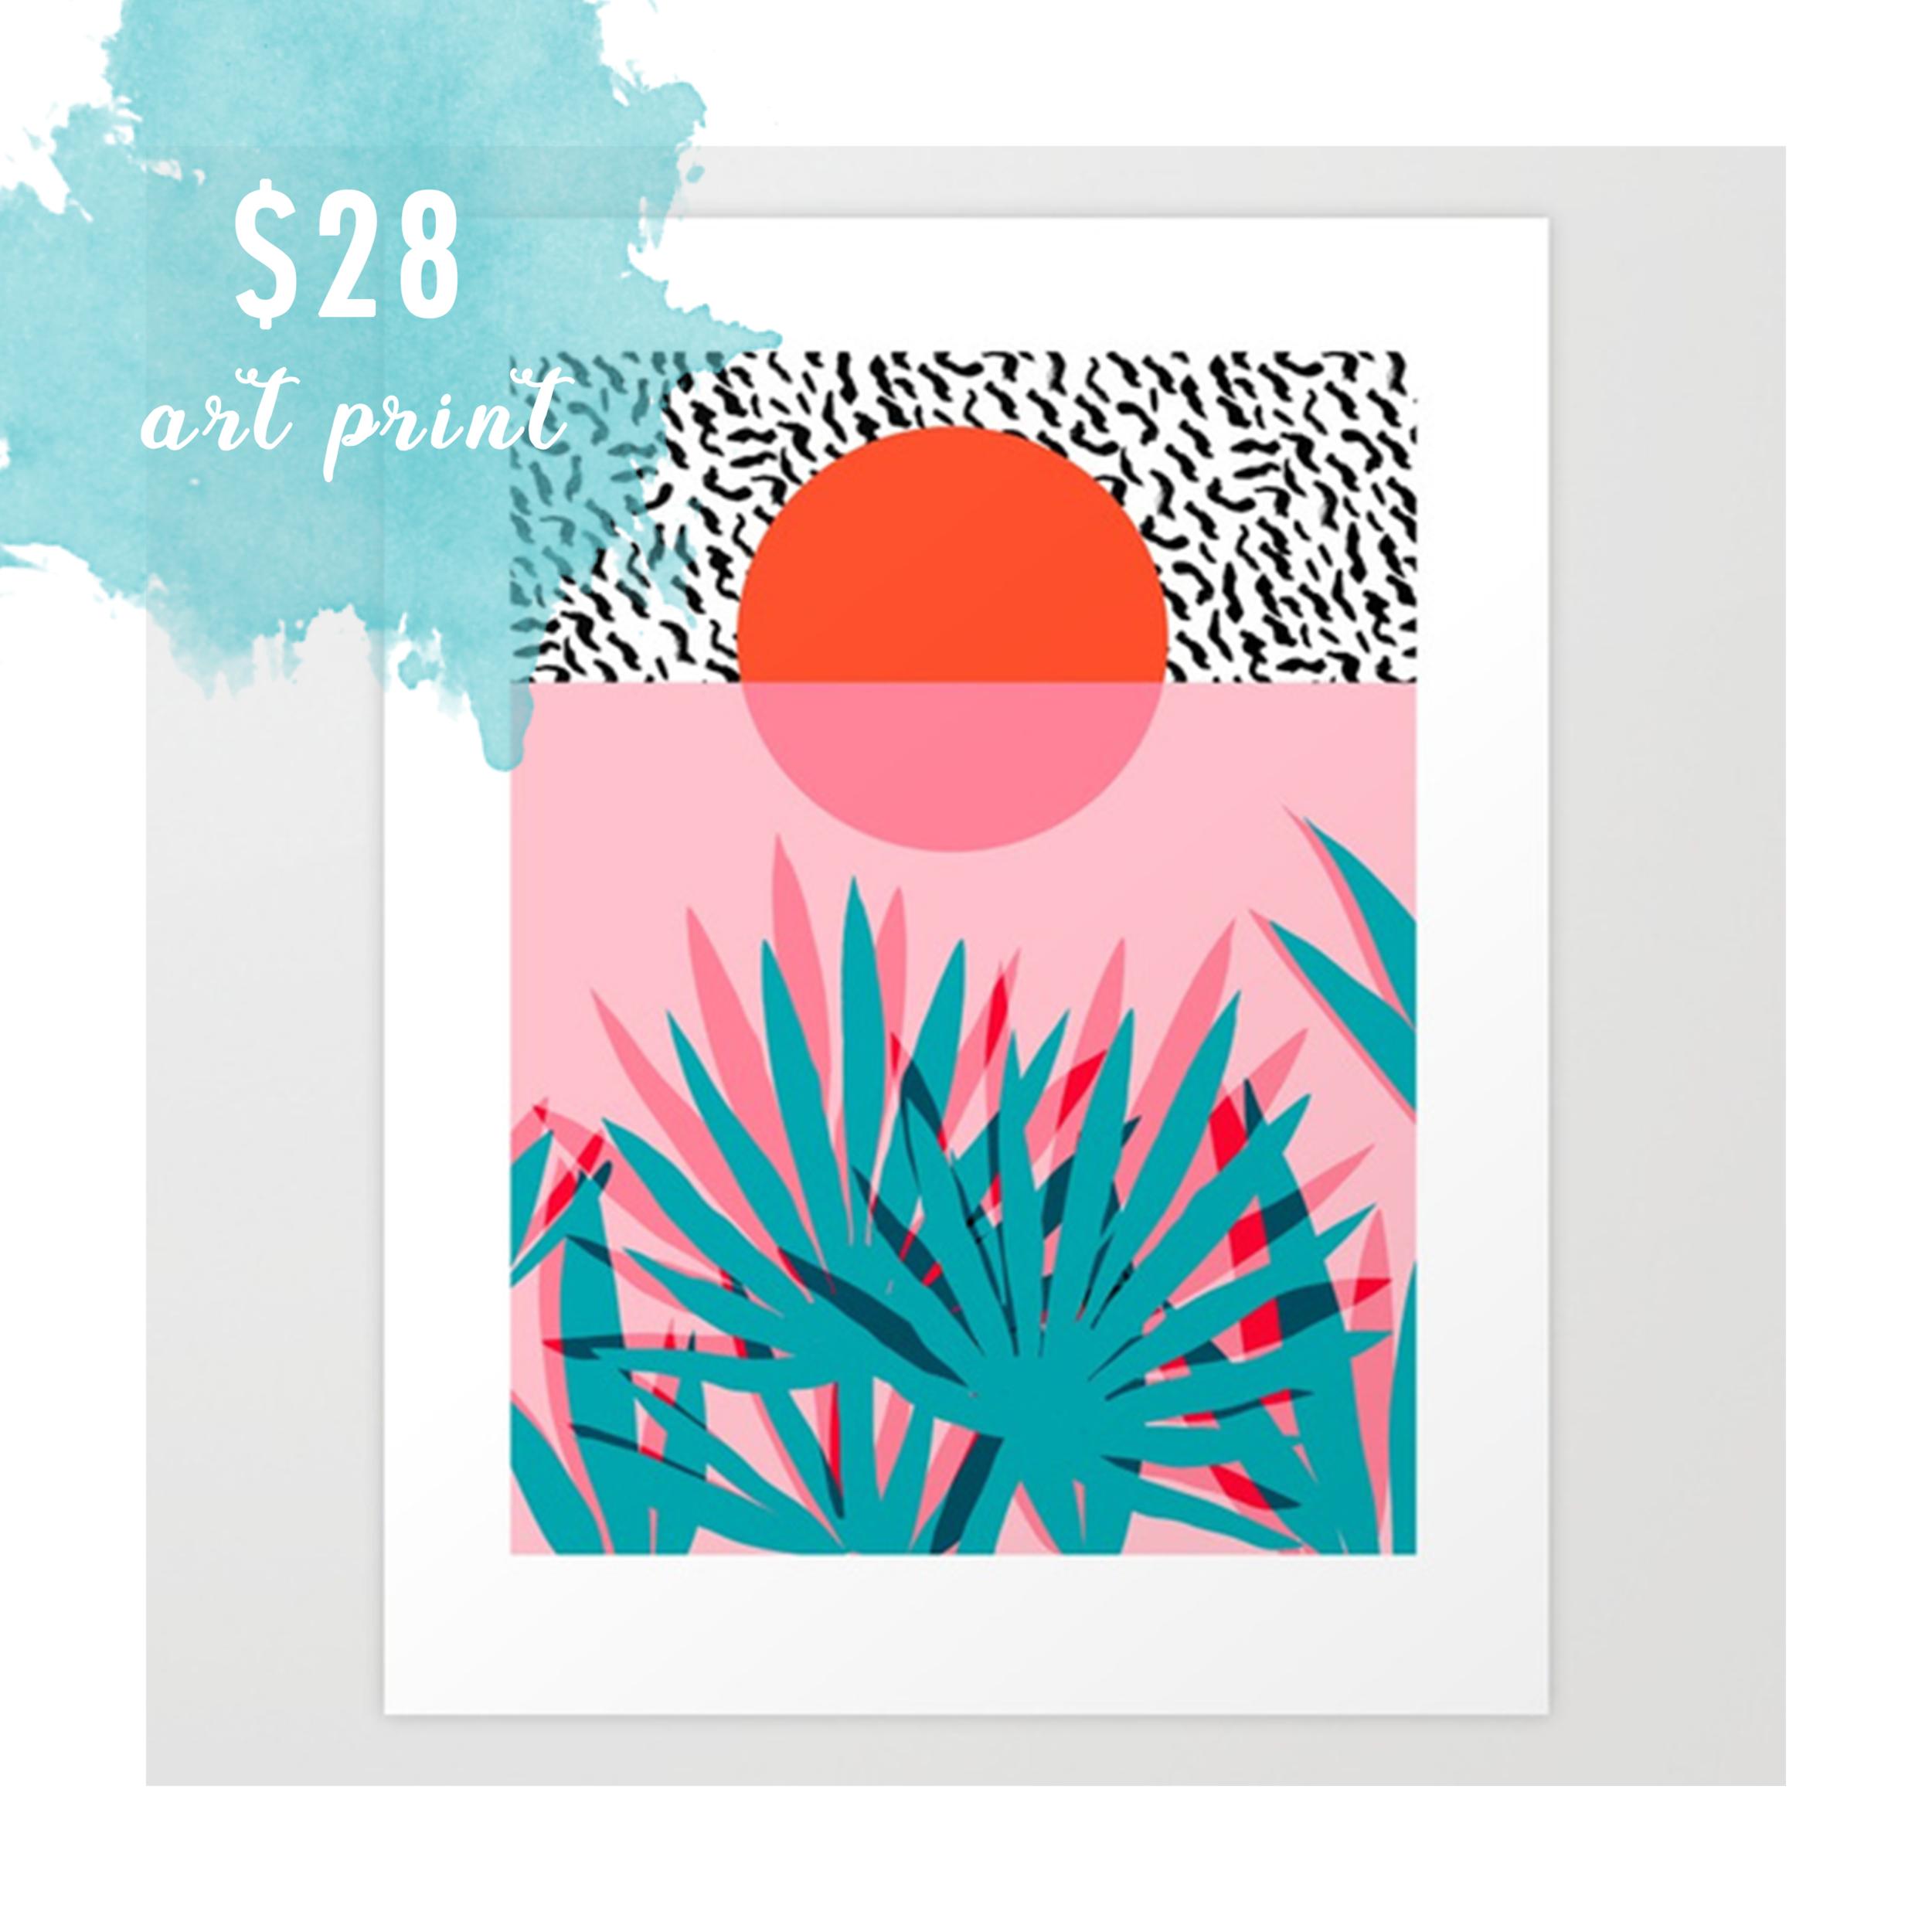 lb art print.png